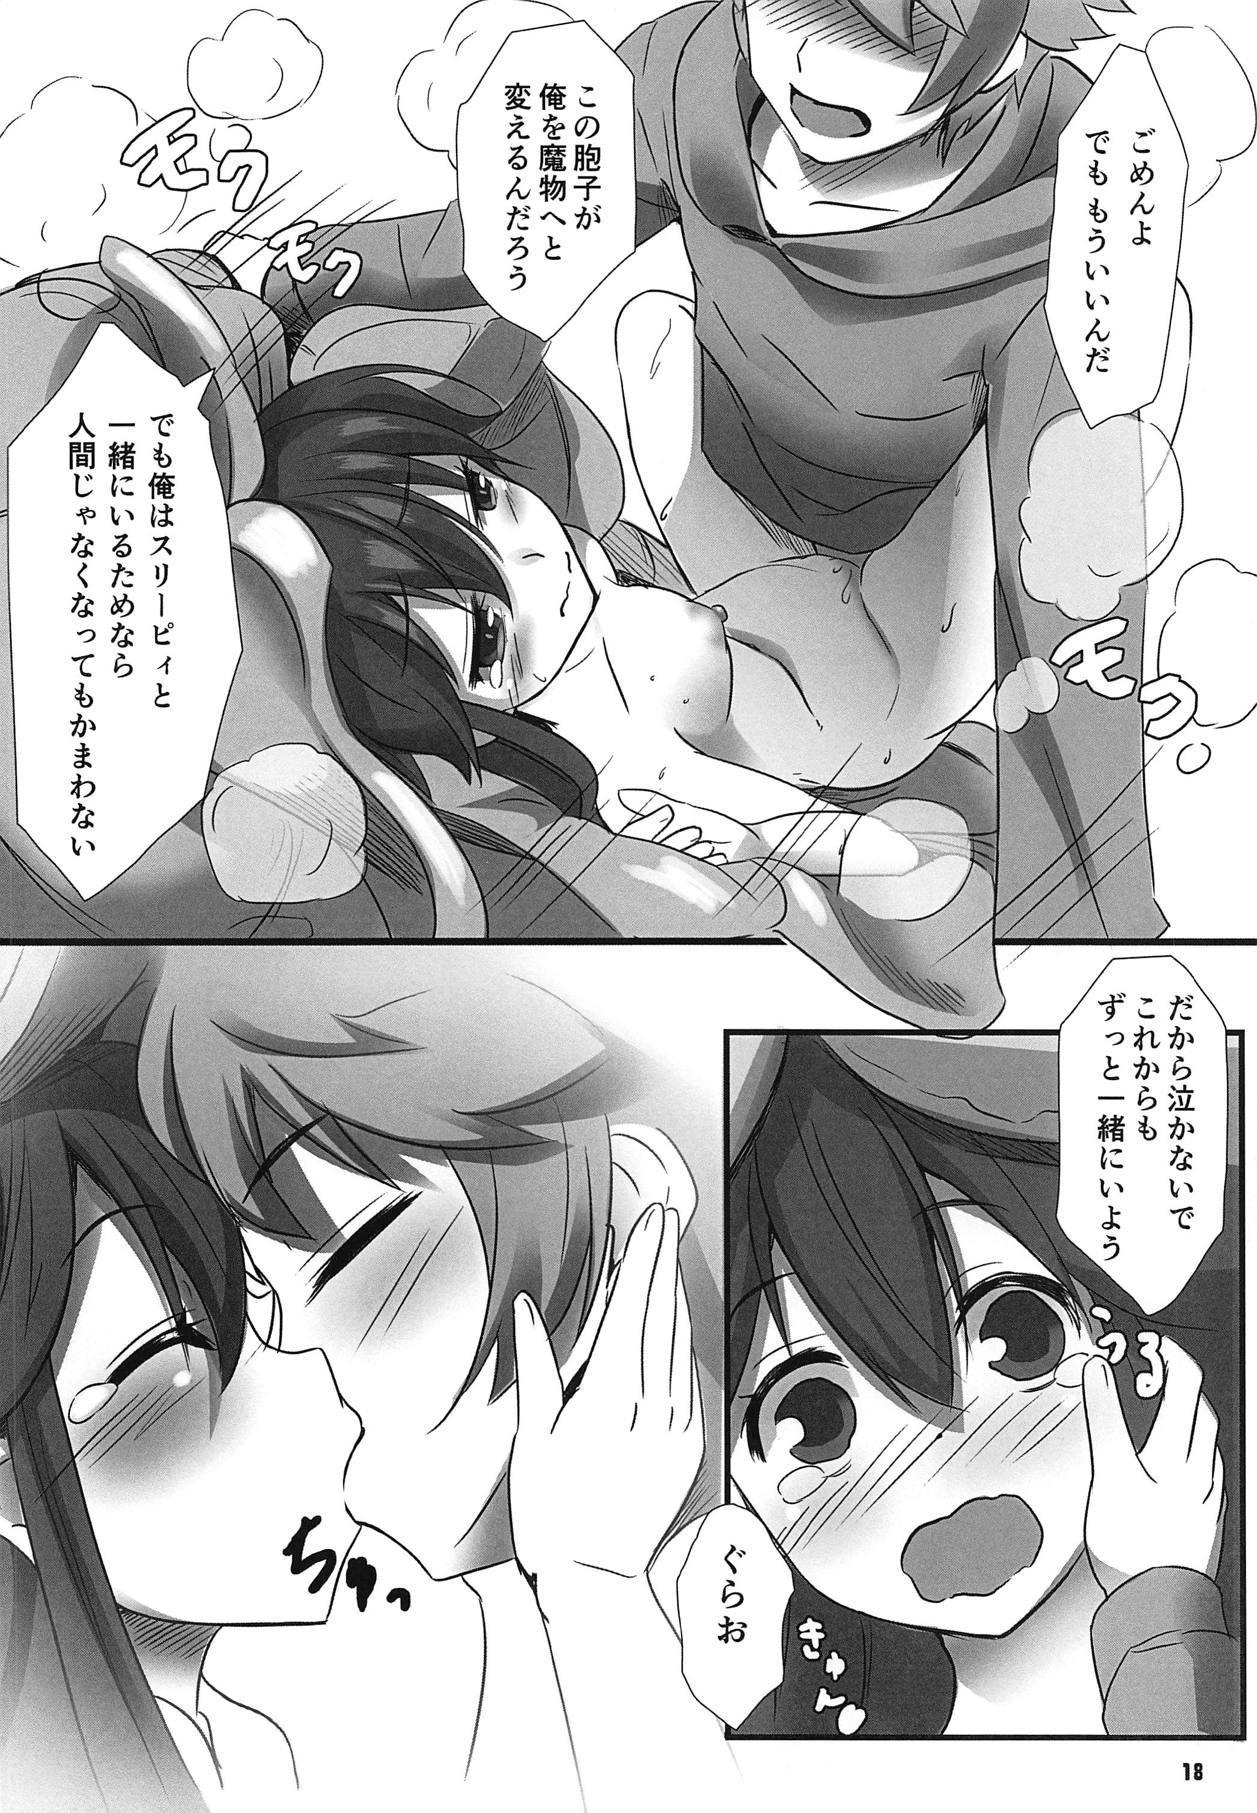 Kinoko no Yomeiri 18